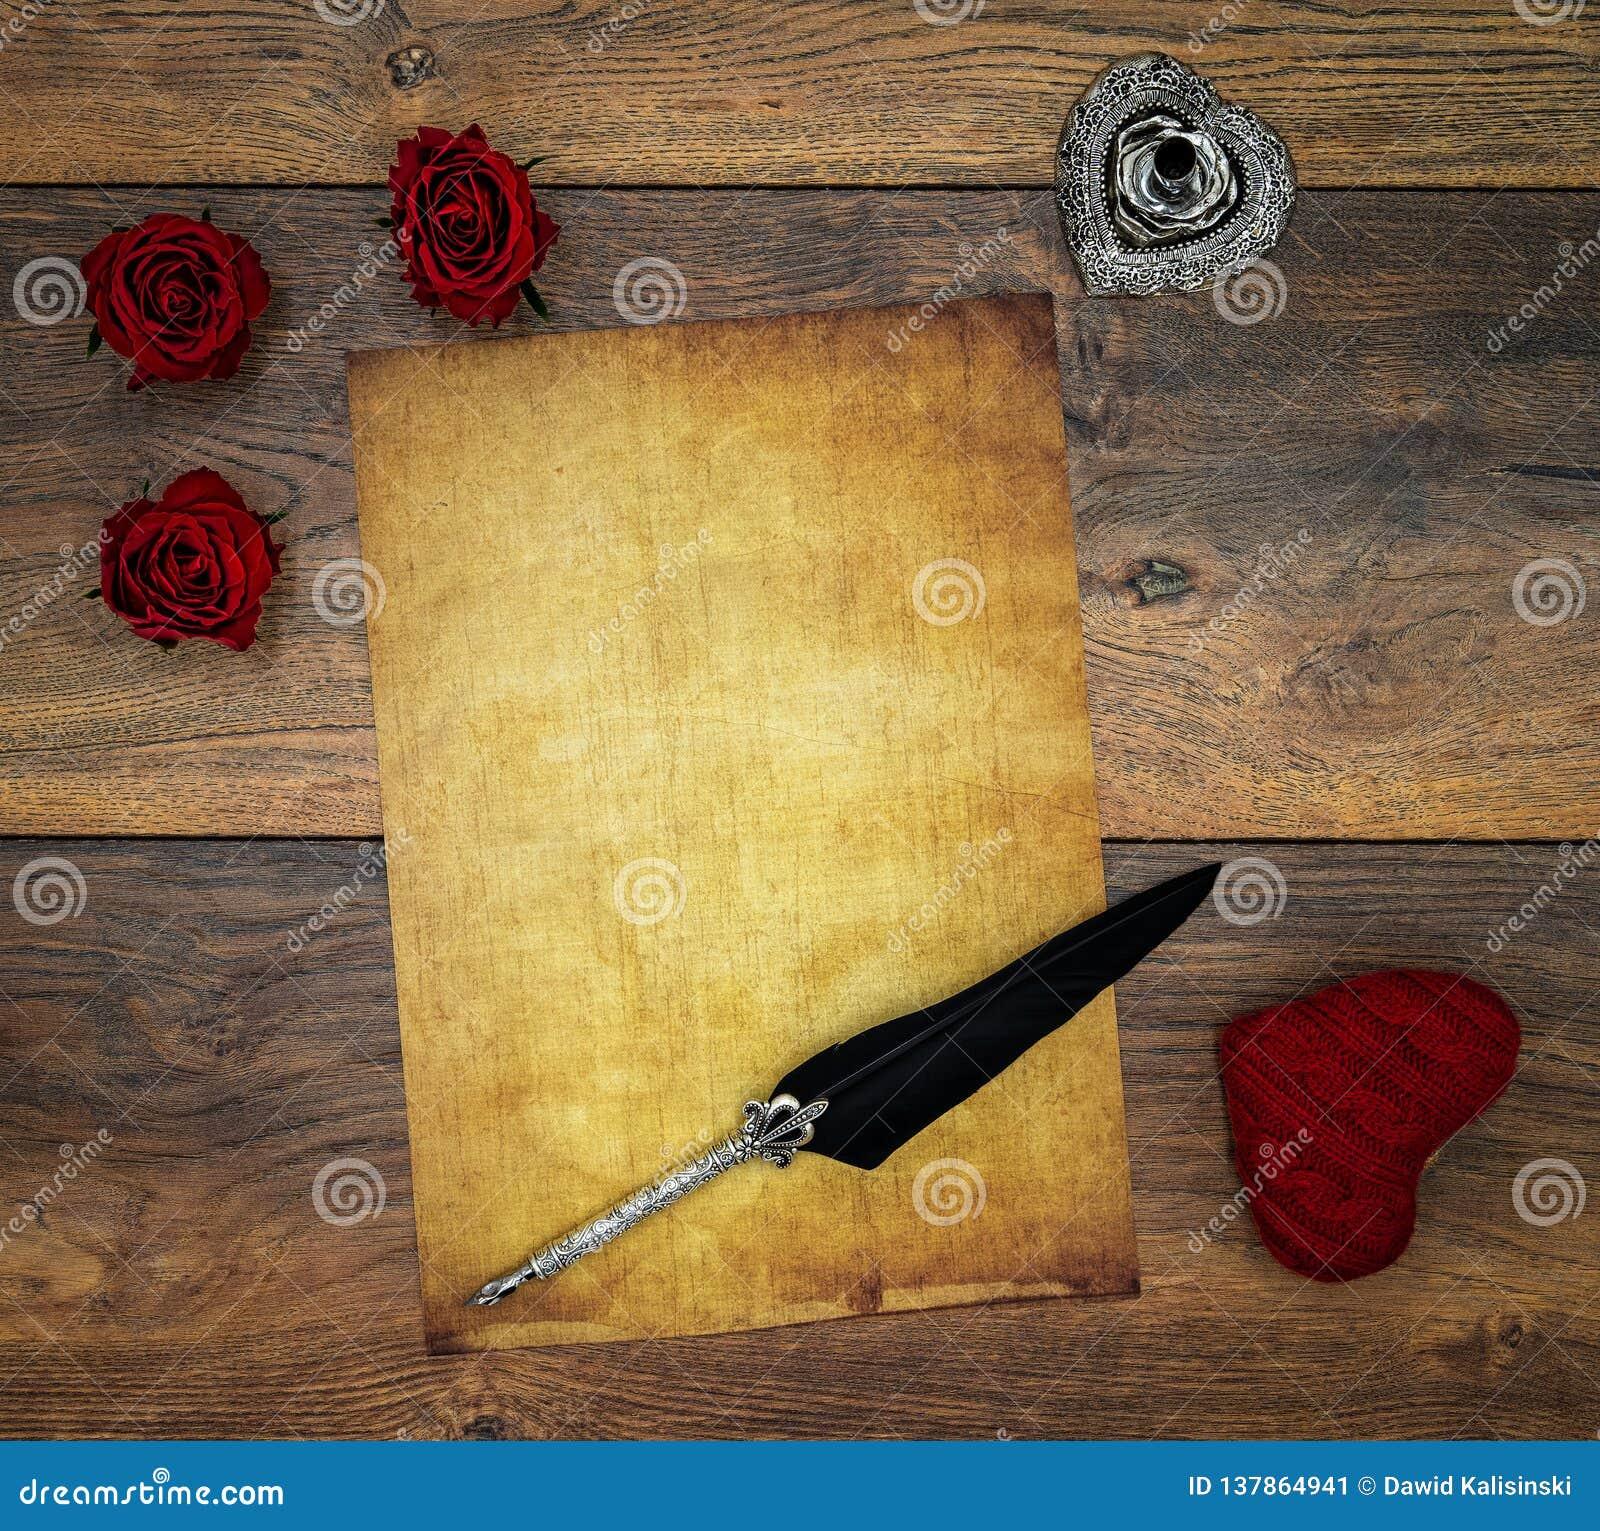 与红色拥抱牡鹿、英国兰开斯特家族族徽、墨水和纤管的空白的葡萄酒卡片在葡萄酒橡木,在古色古香的橡木的情书-顶视图